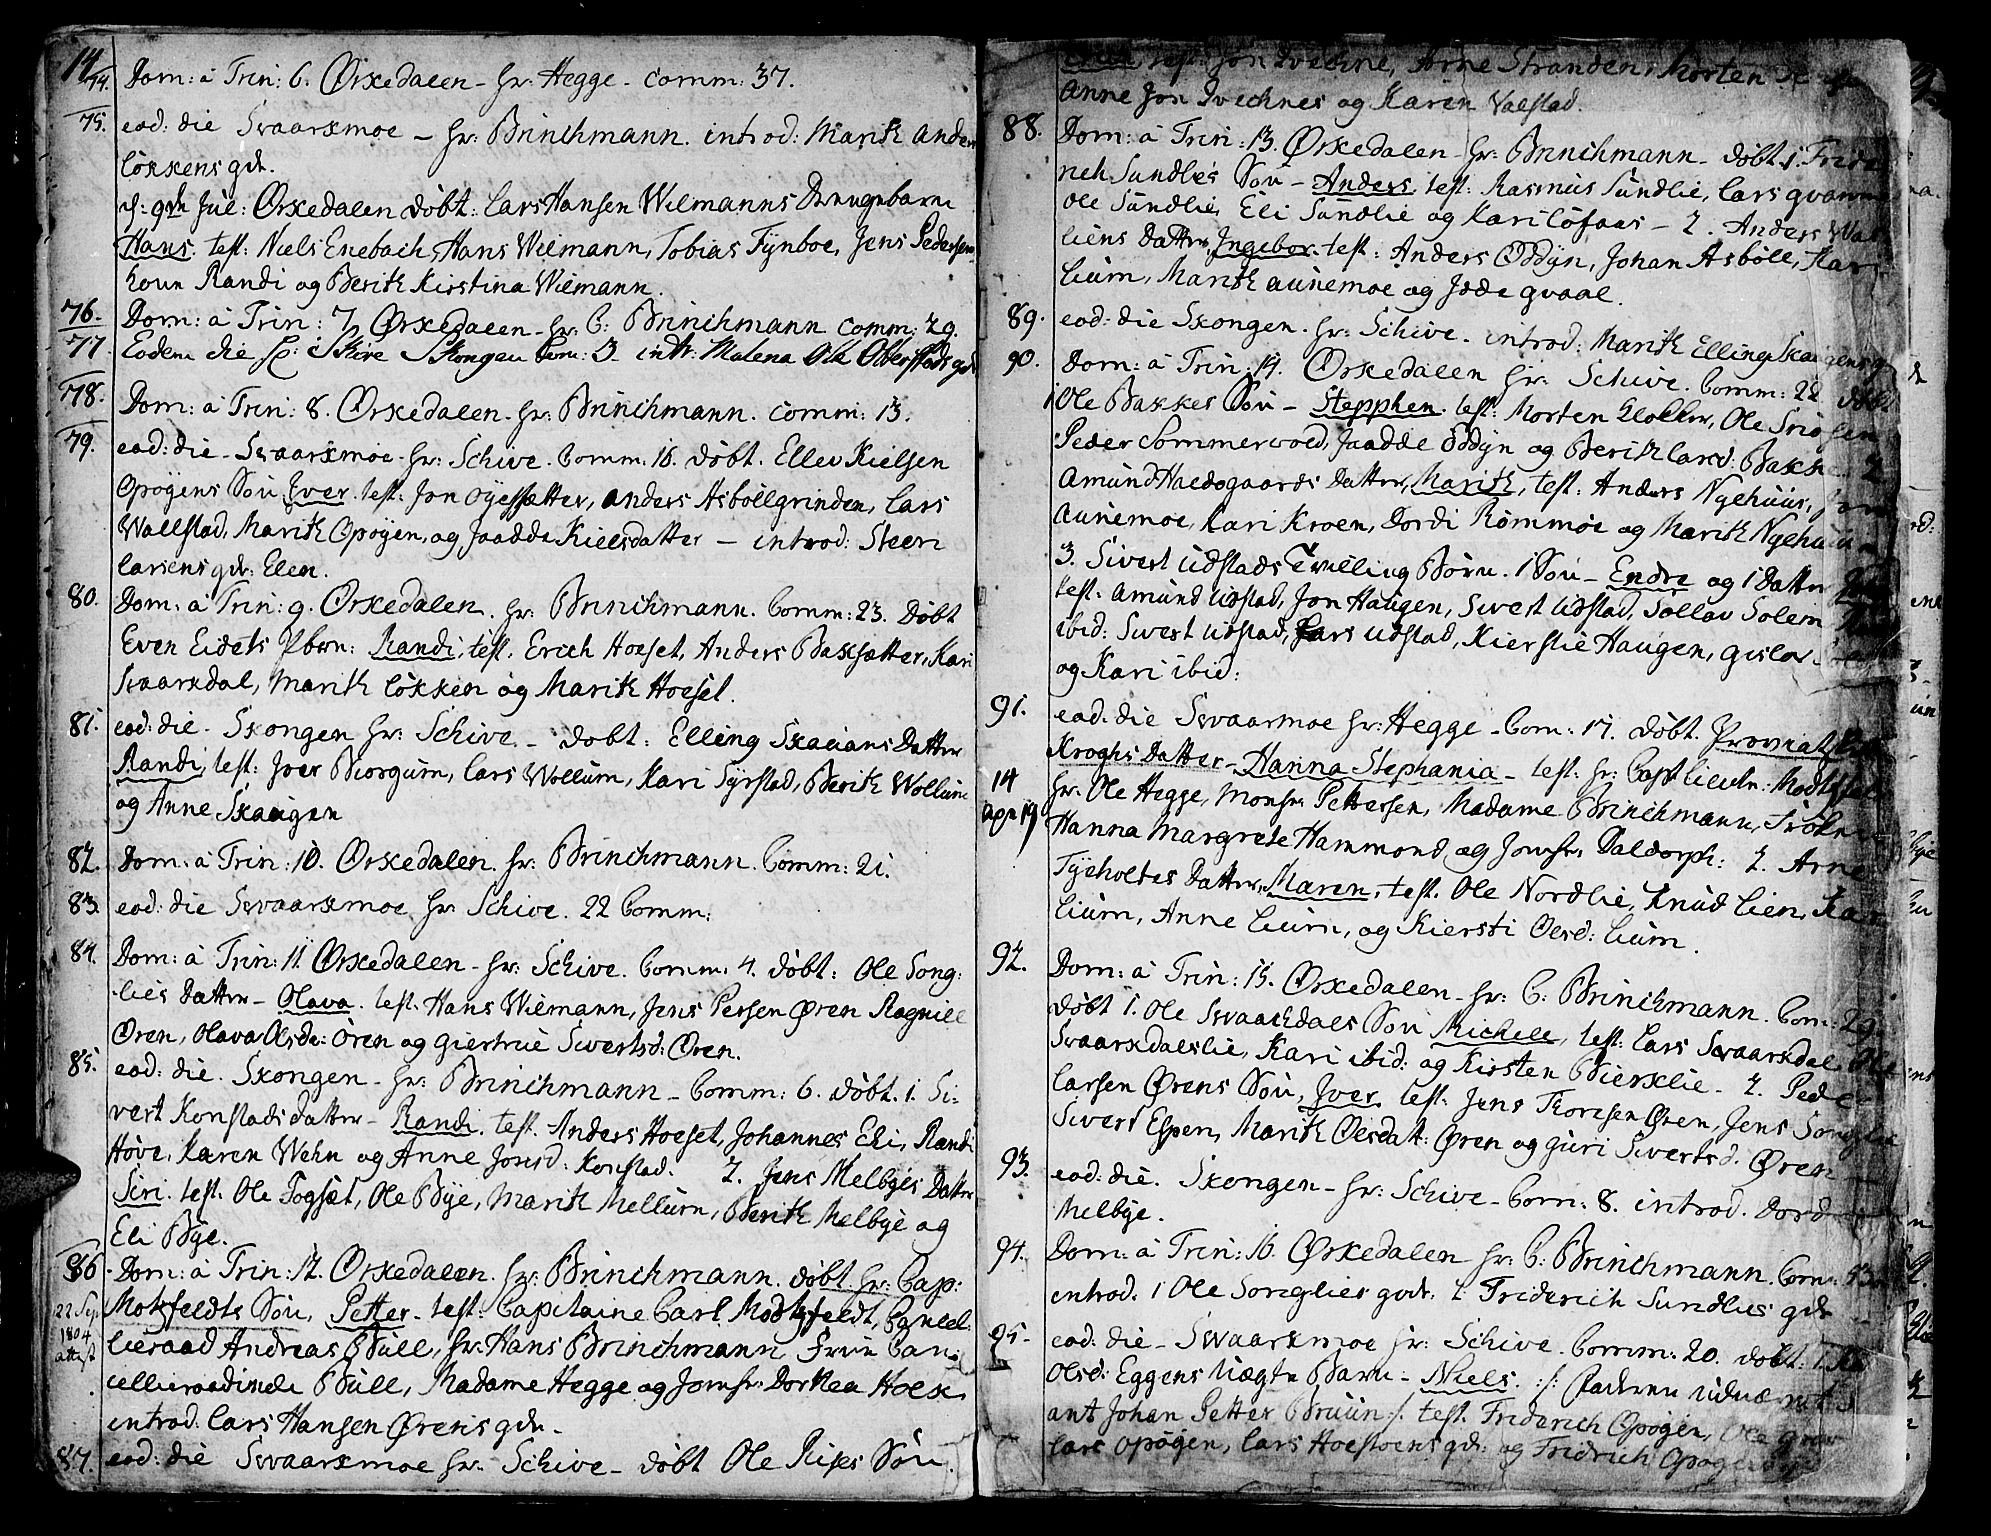 SAT, Ministerialprotokoller, klokkerbøker og fødselsregistre - Sør-Trøndelag, 668/L0802: Ministerialbok nr. 668A02, 1776-1799, s. 14-15